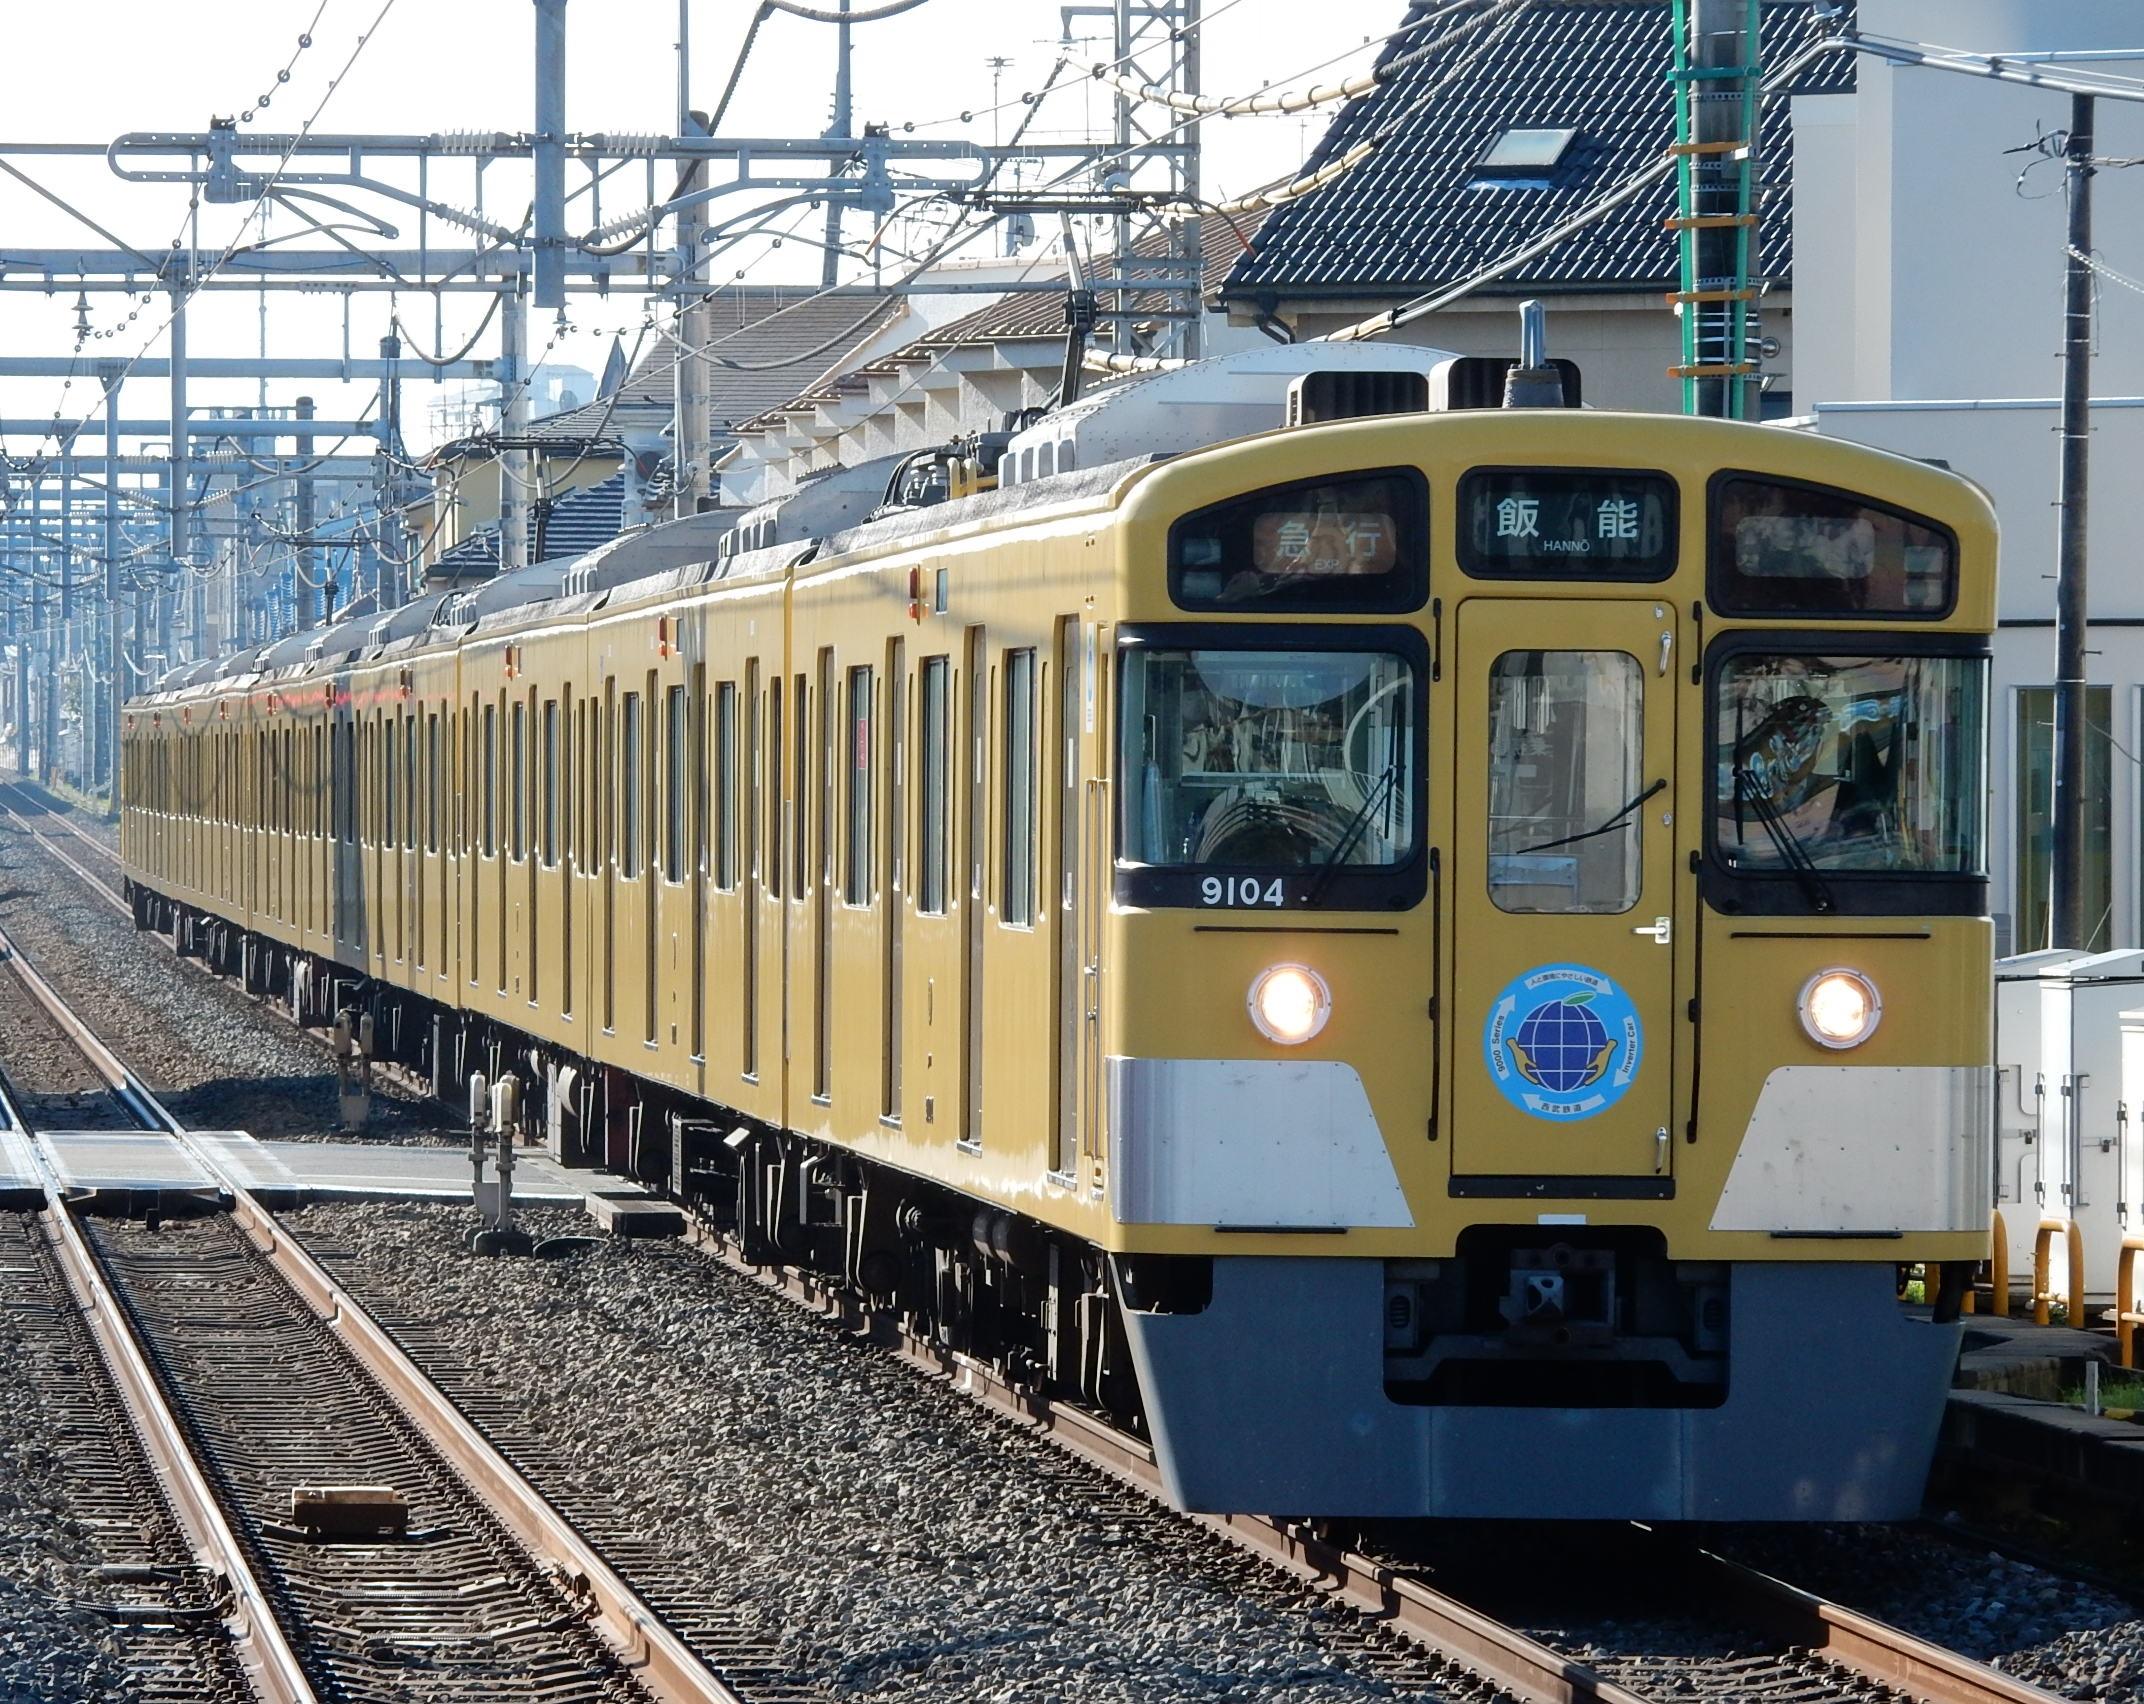 DSCN7596.jpg